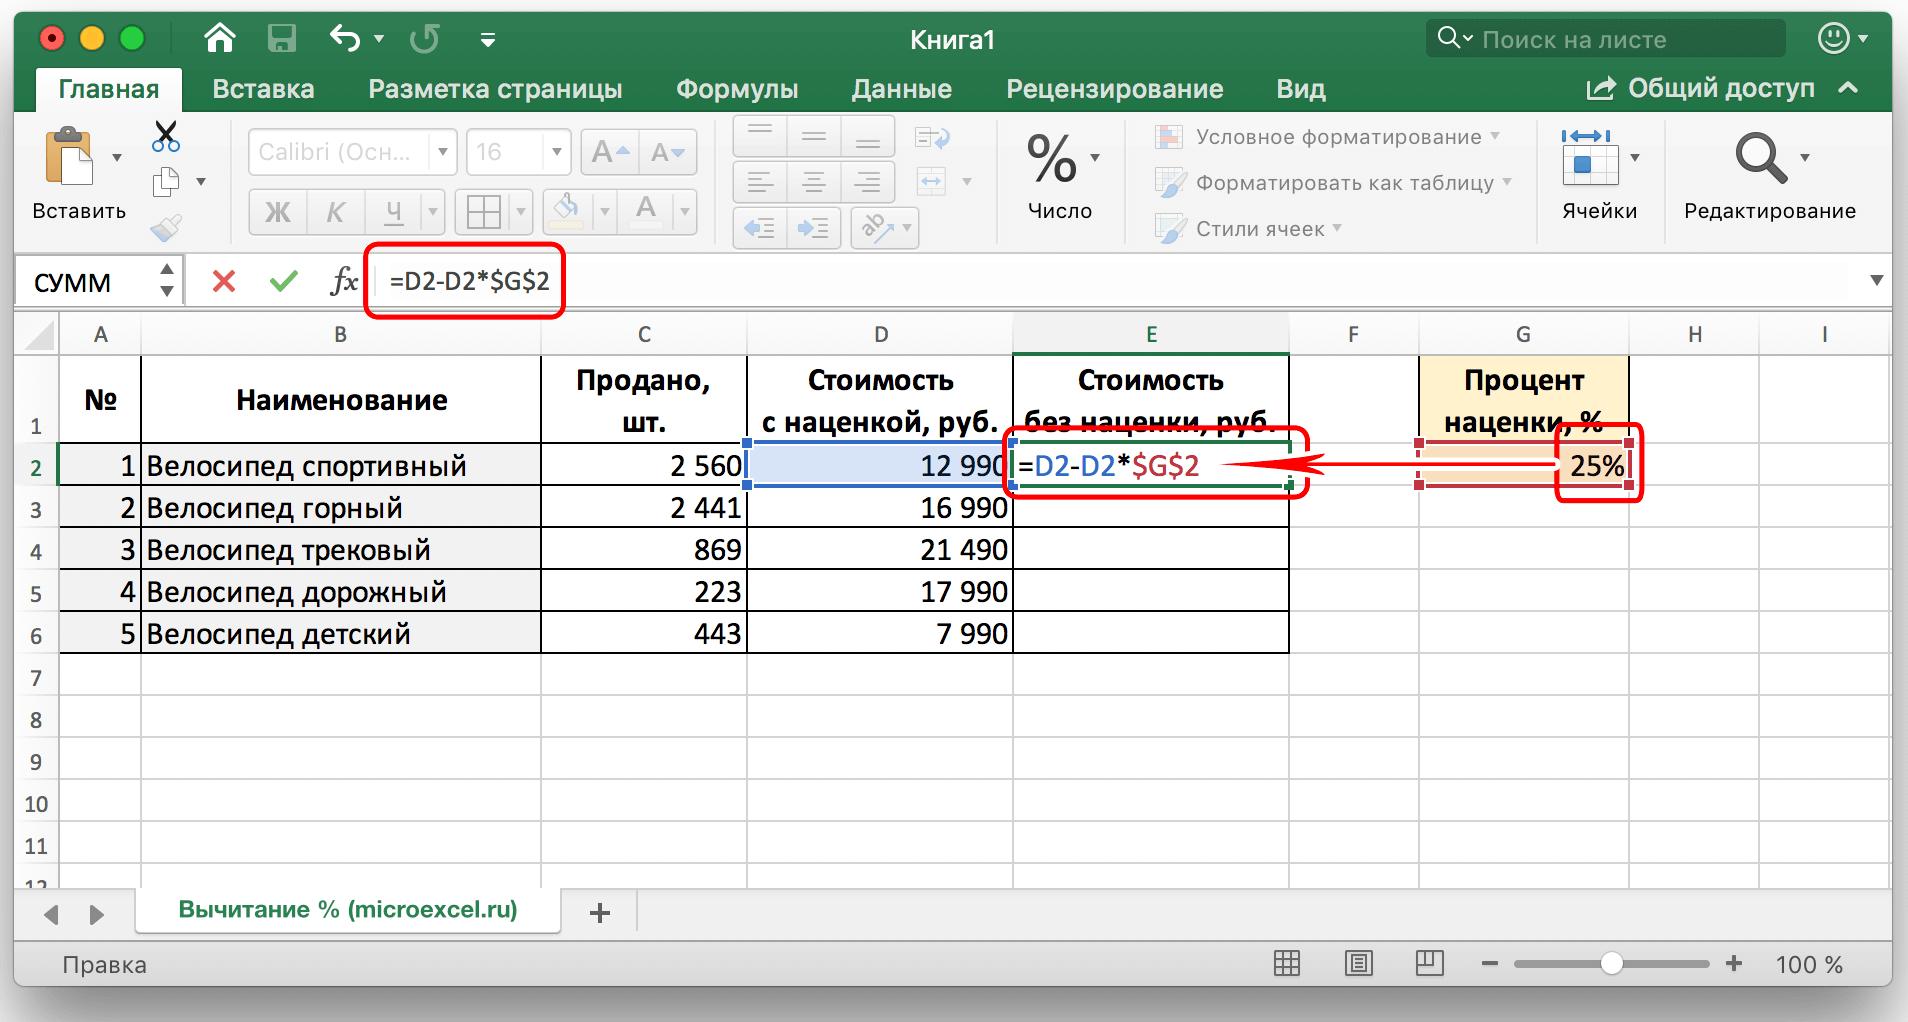 Как вычесть процент от числа в Excel. От числа, в заполненной таблице, в таблице с фиксированным процентом